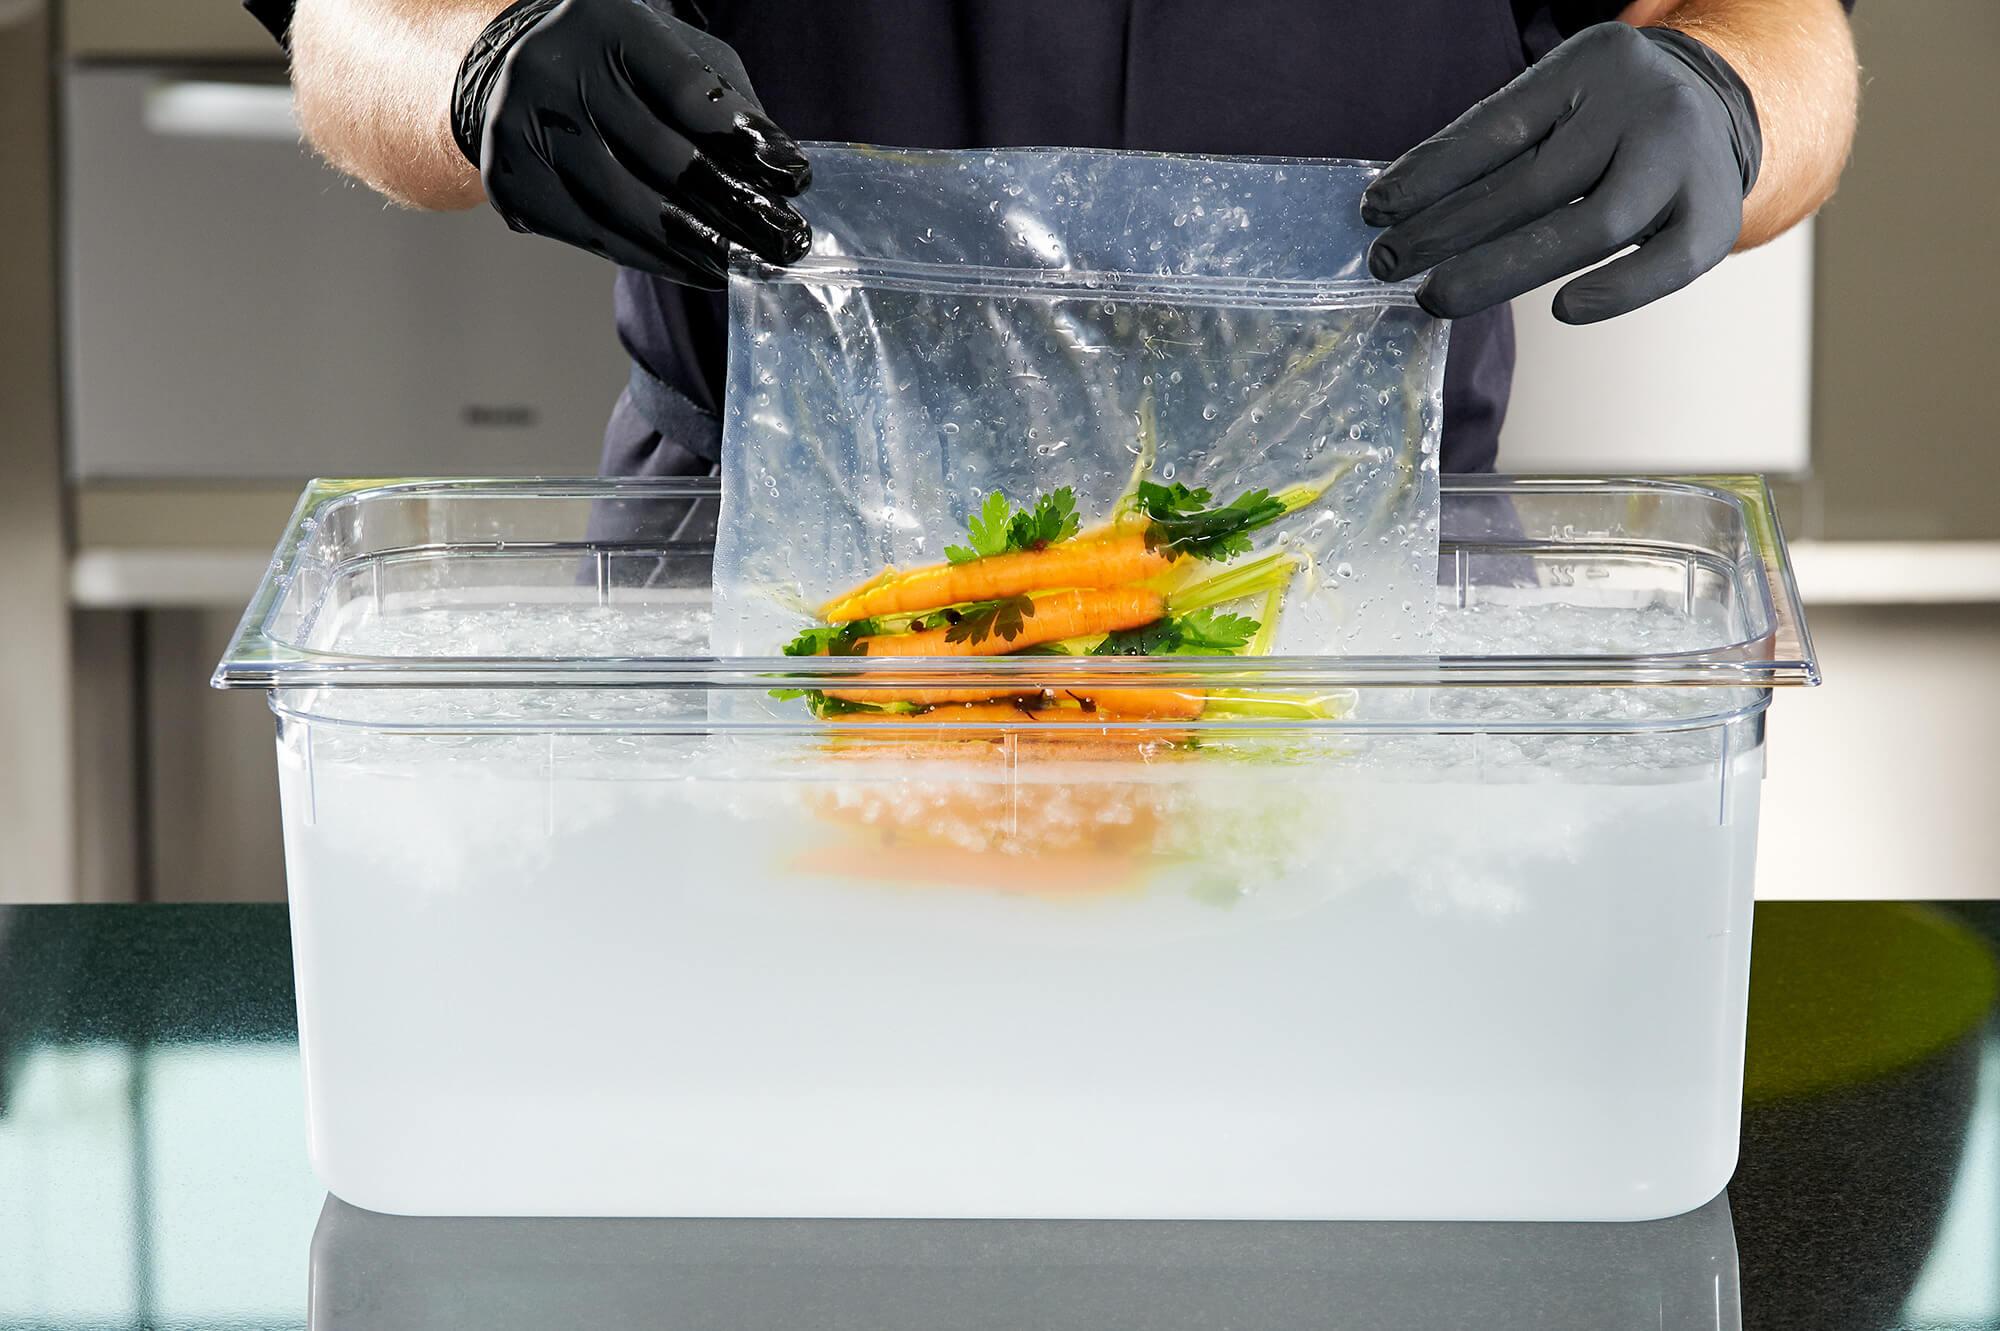 Karotten werden schockgefrostet